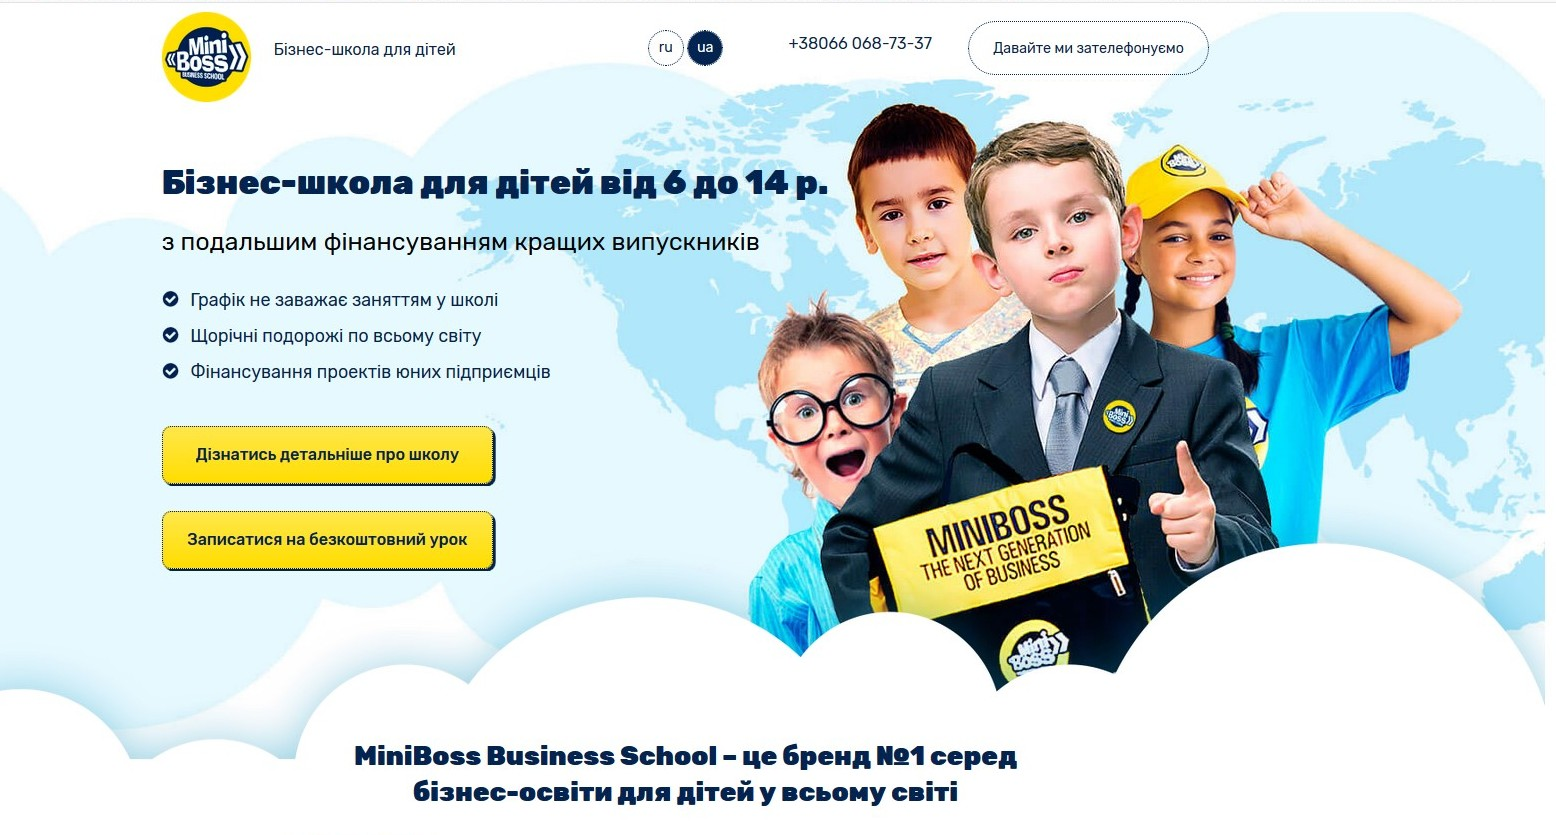 Заповнити заяву про прийом в бізнес-школу